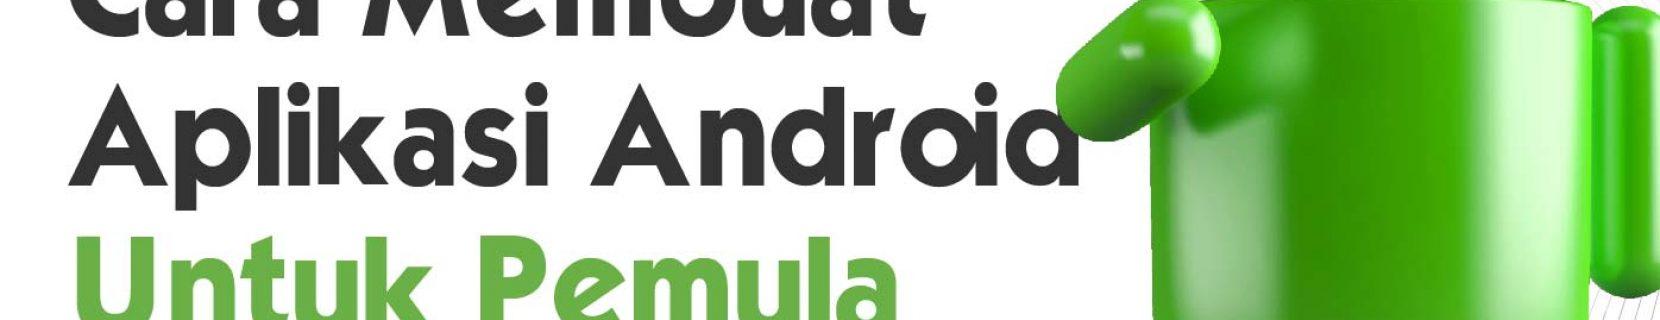 6 Cara Membuat Aplikasi Android untuk Pemula, Ini Panduannya